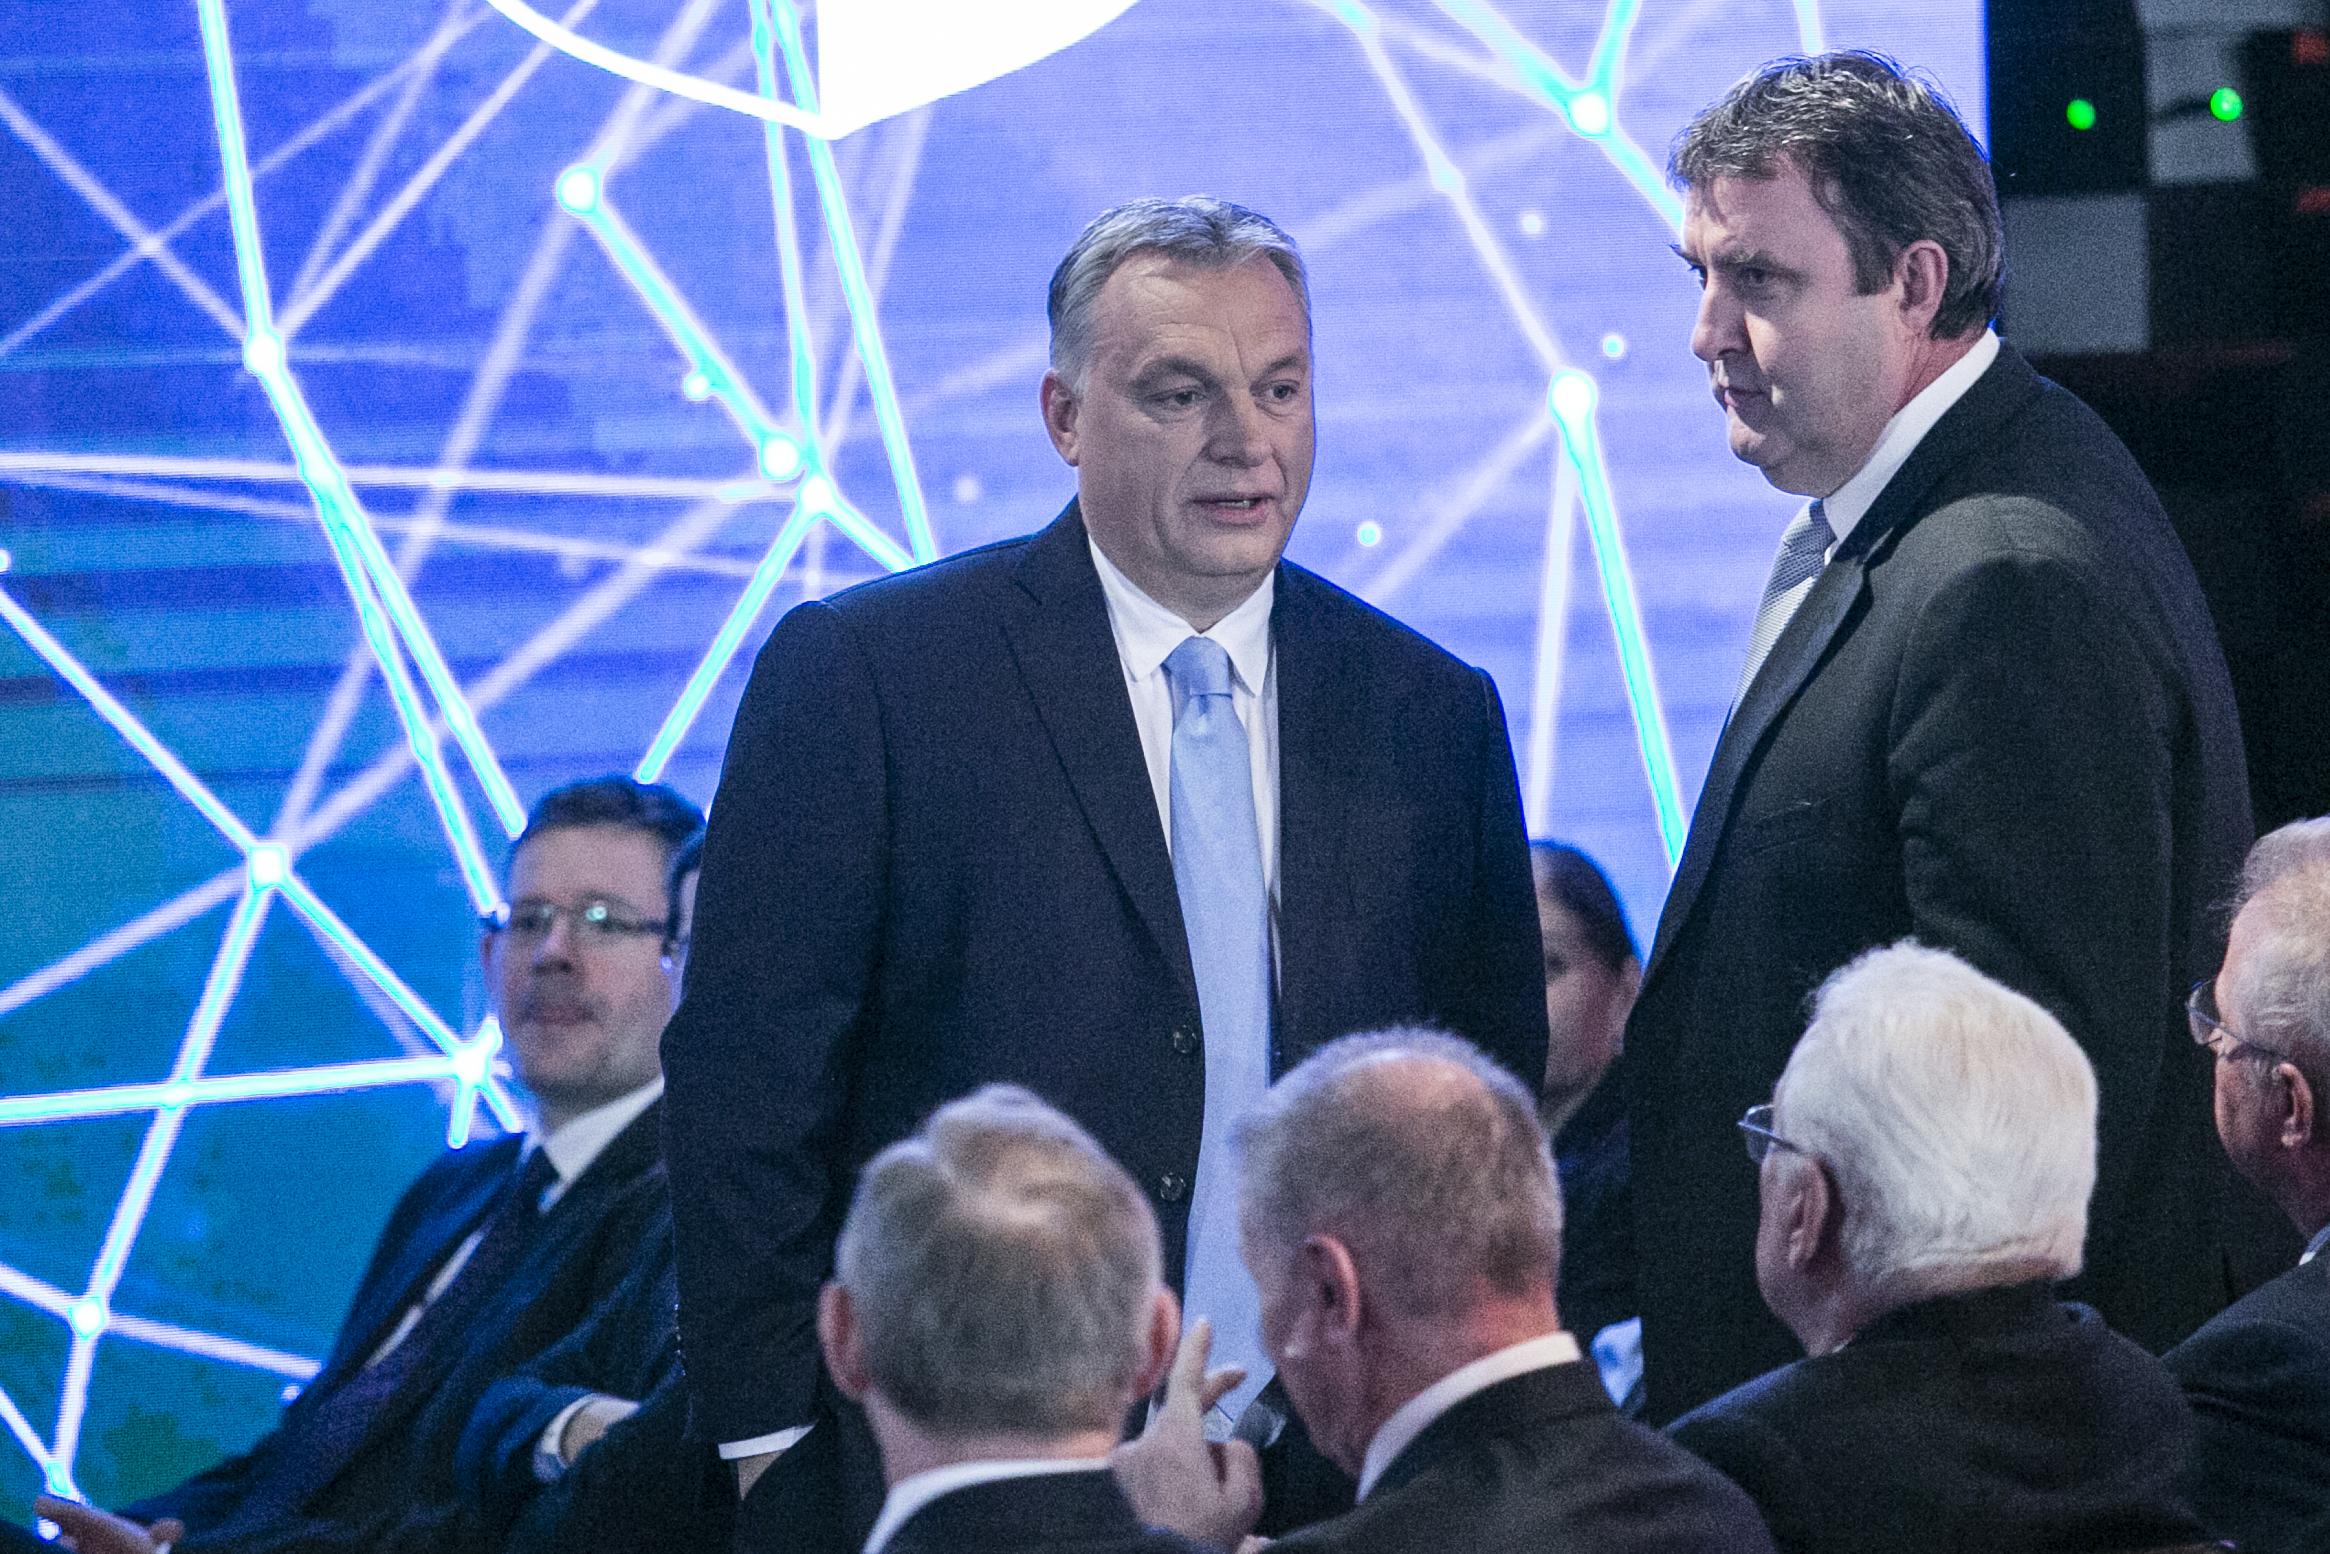 Palkovics benyújtotta lemondását, Orbán visszaszólt, hogy ezt felejtse el